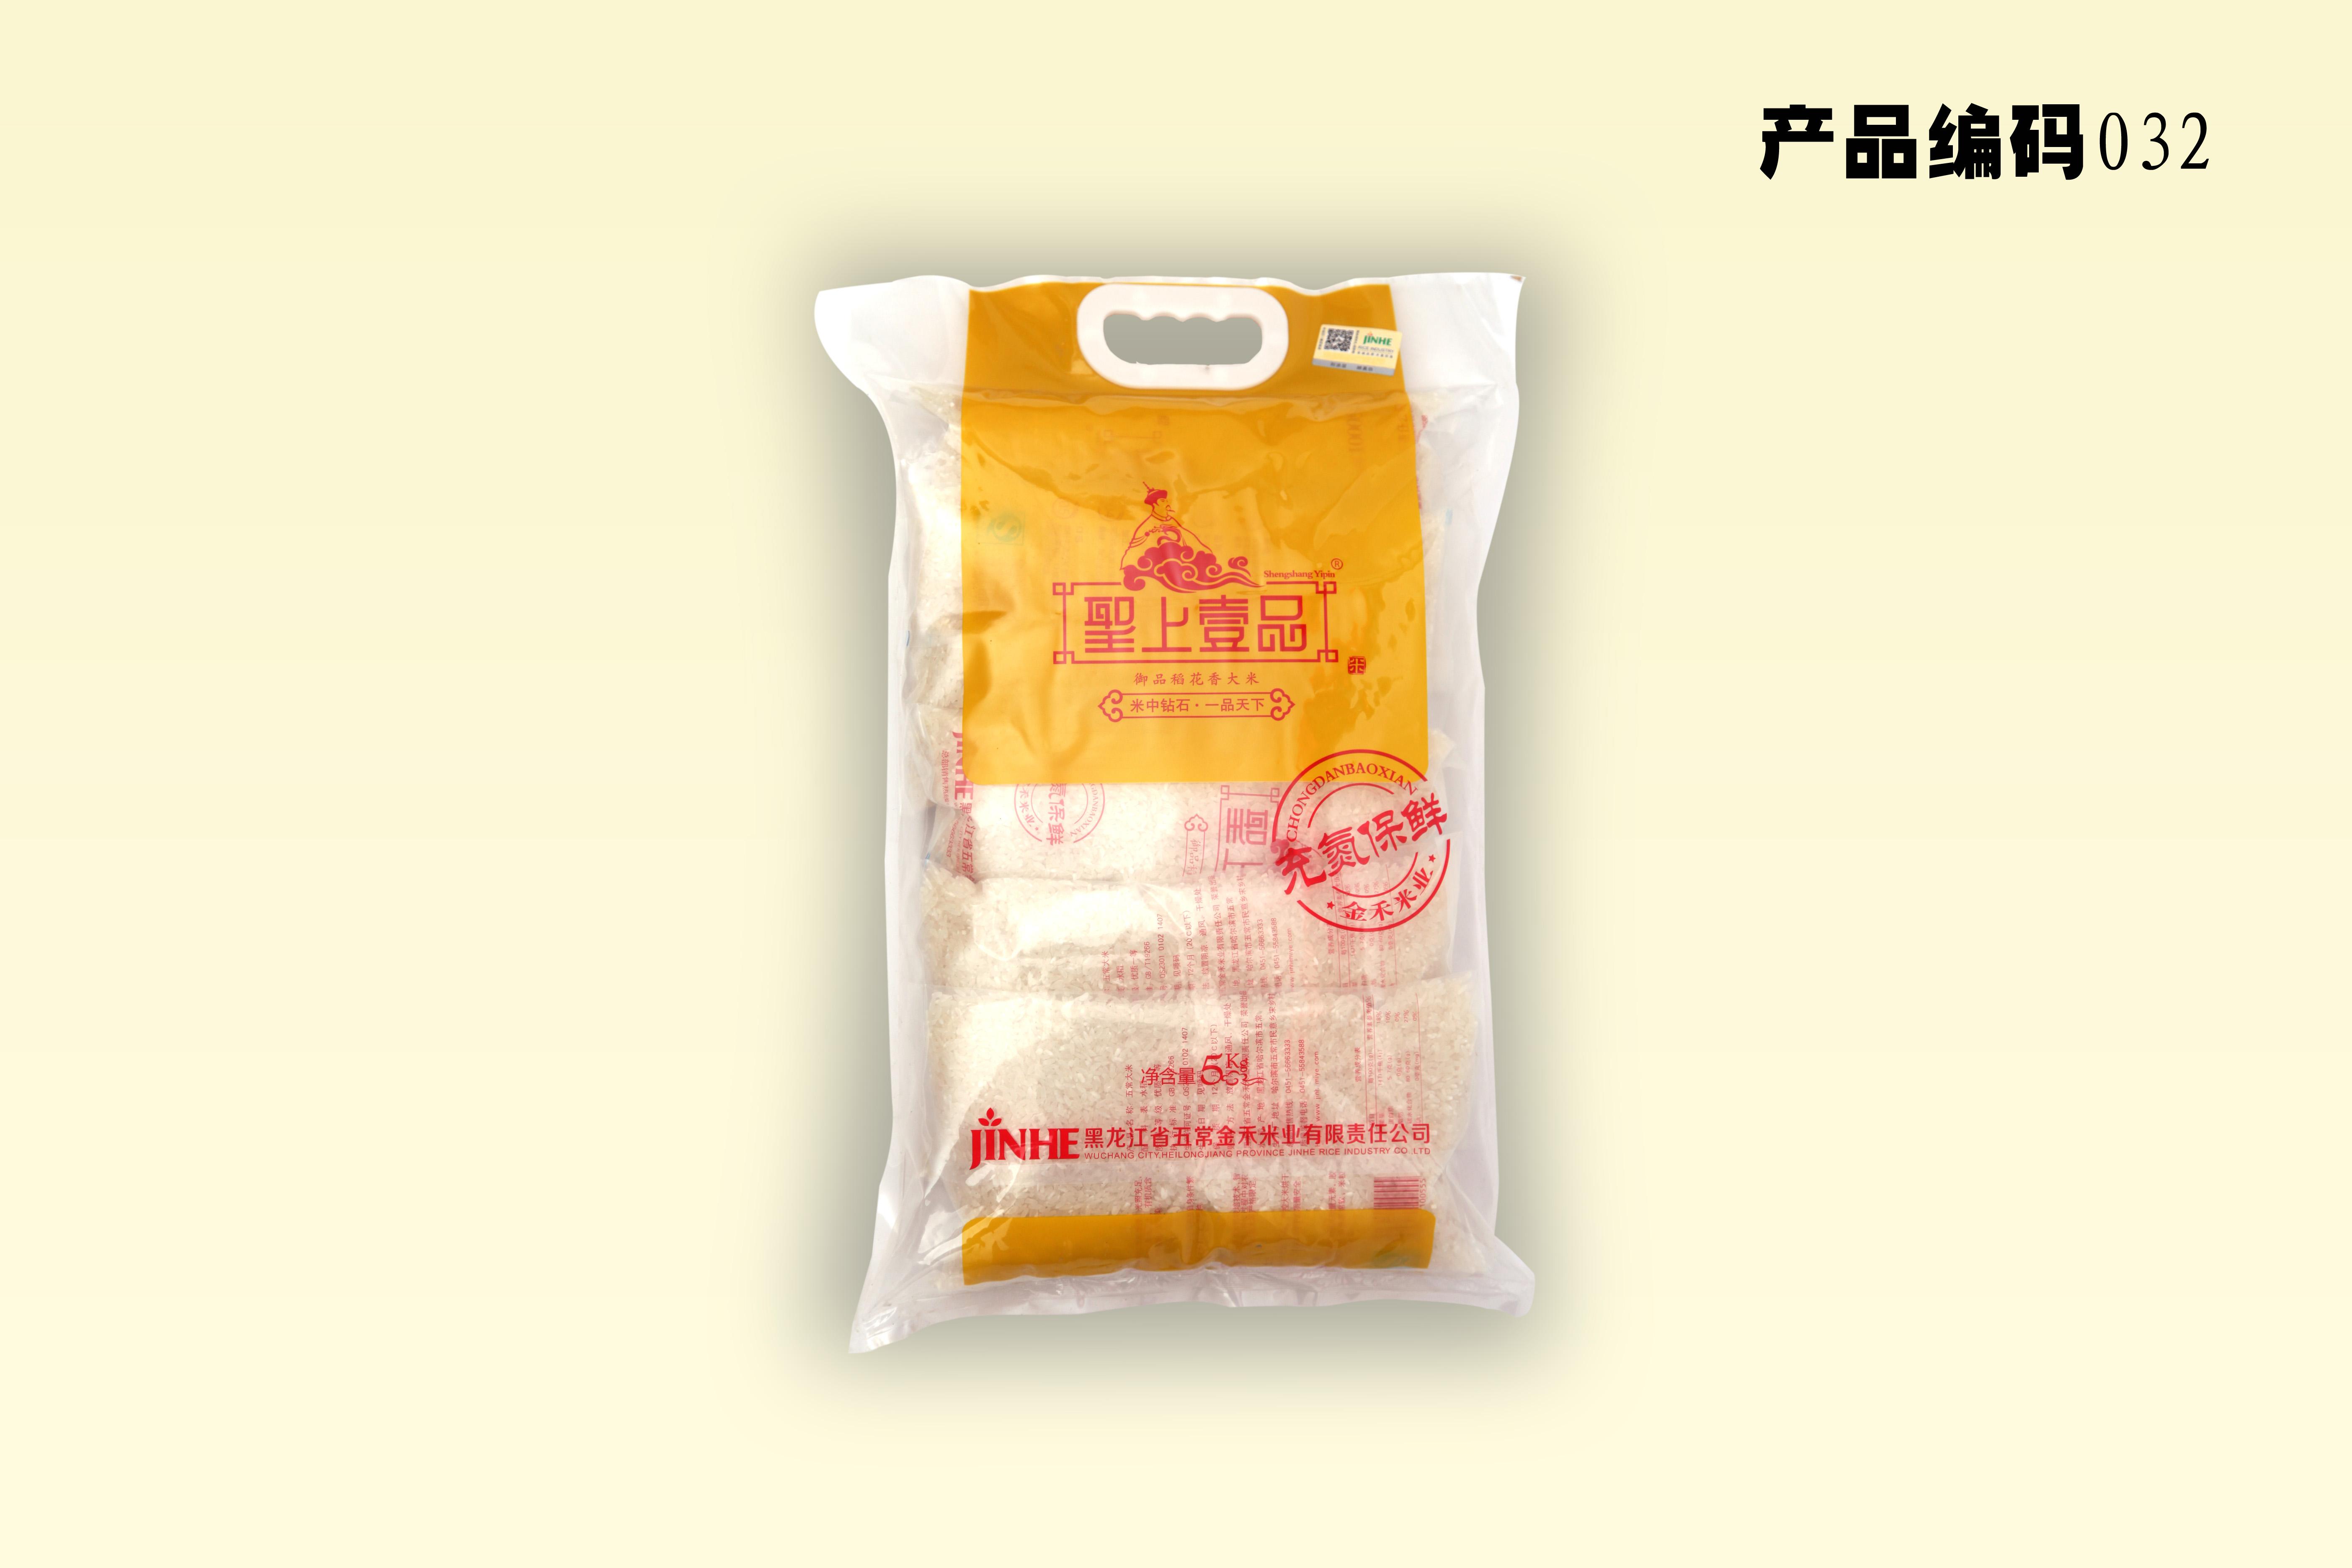 圣上壹品御品稻花香大米有机充氮大米新品特价厂家直销